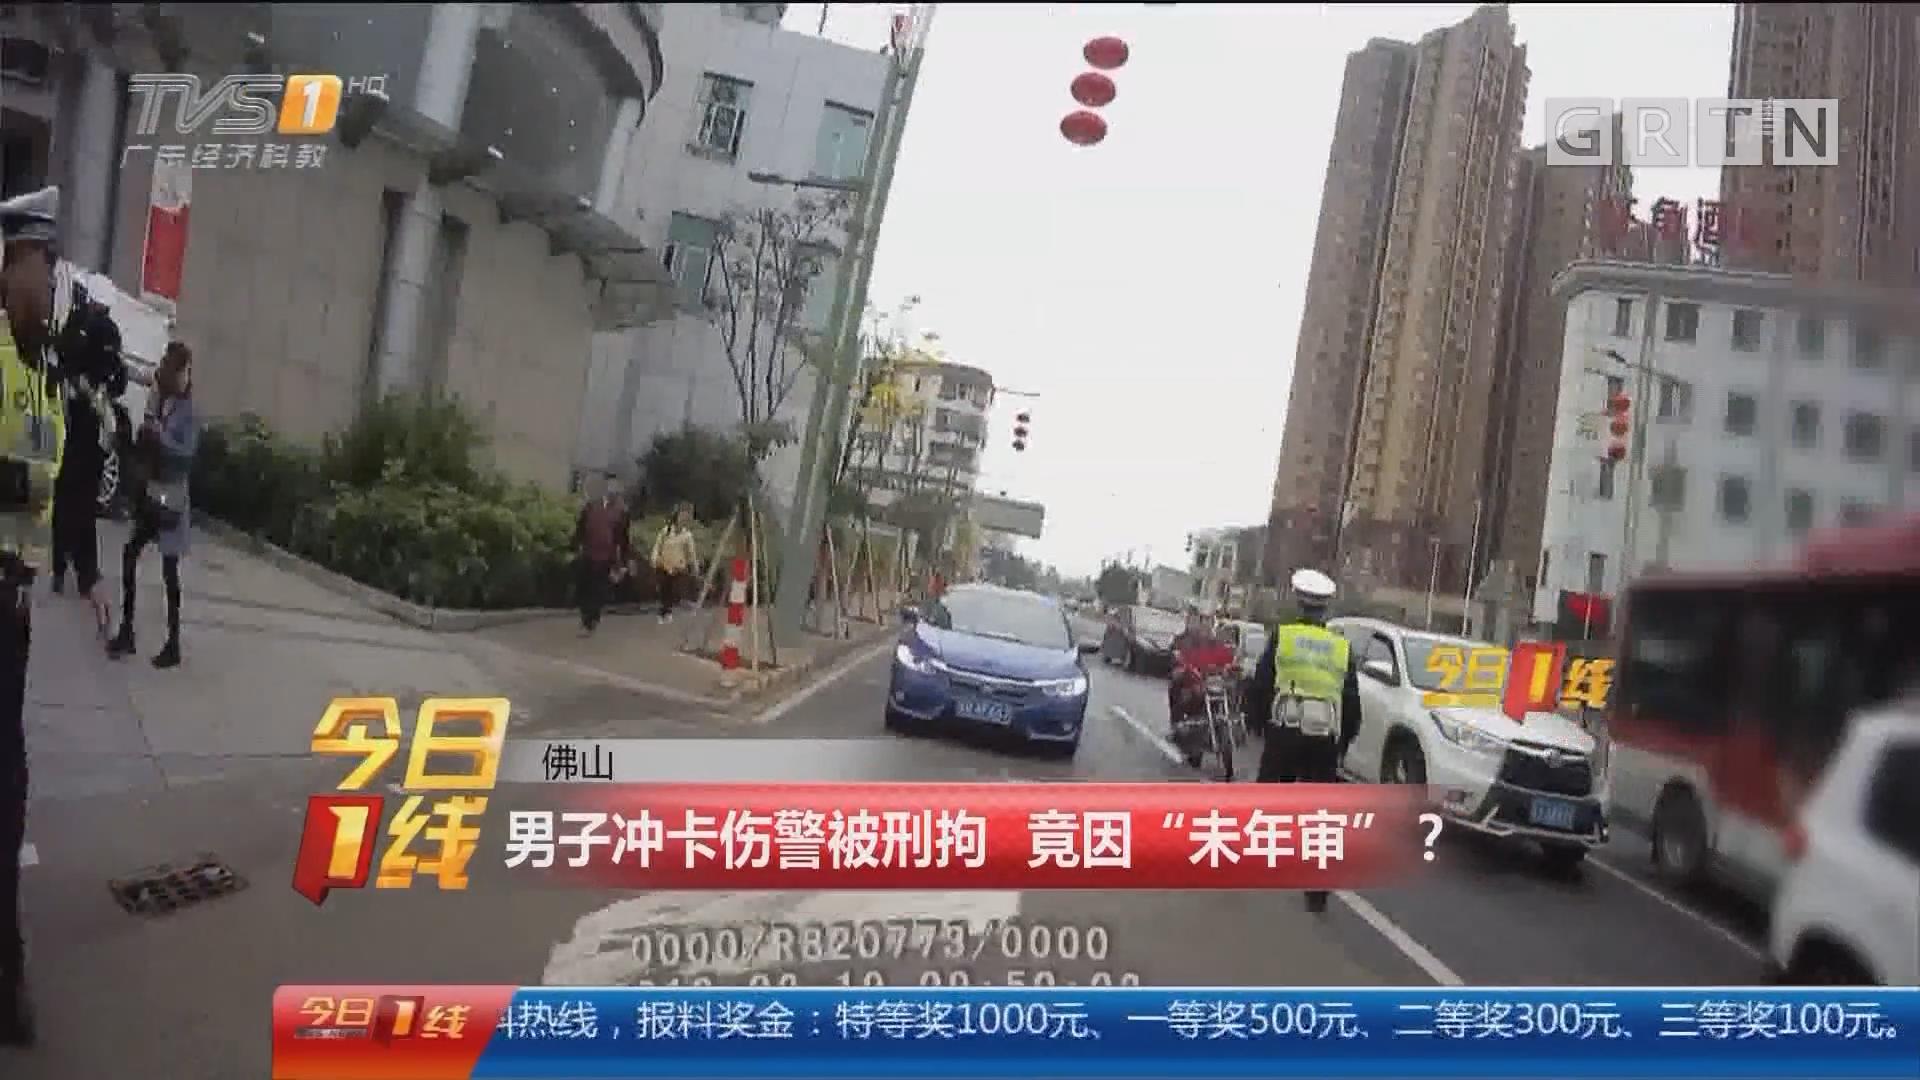 """佛山:男子冲卡伤警被刑拘 竟因""""未年审""""?"""